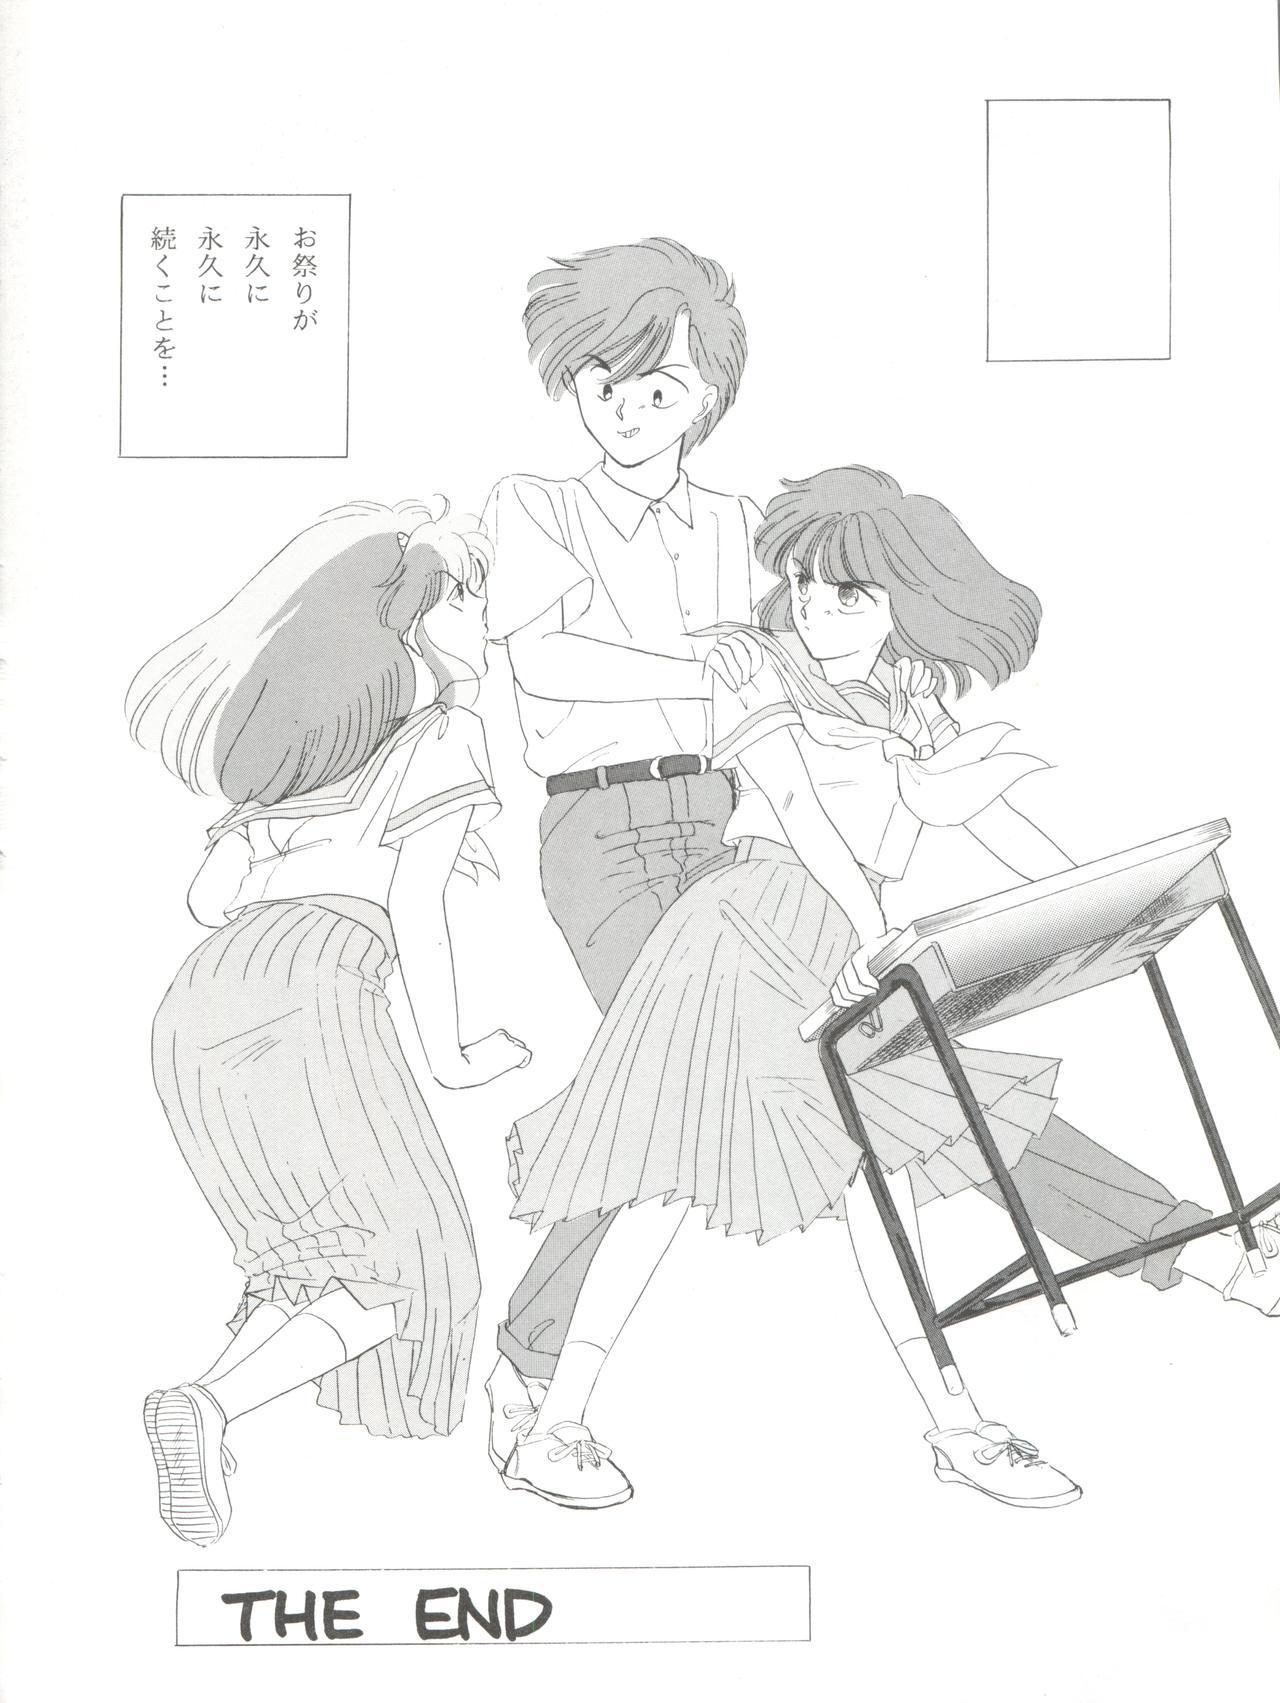 NANIWA-YA FINAL DRESS UP! 103